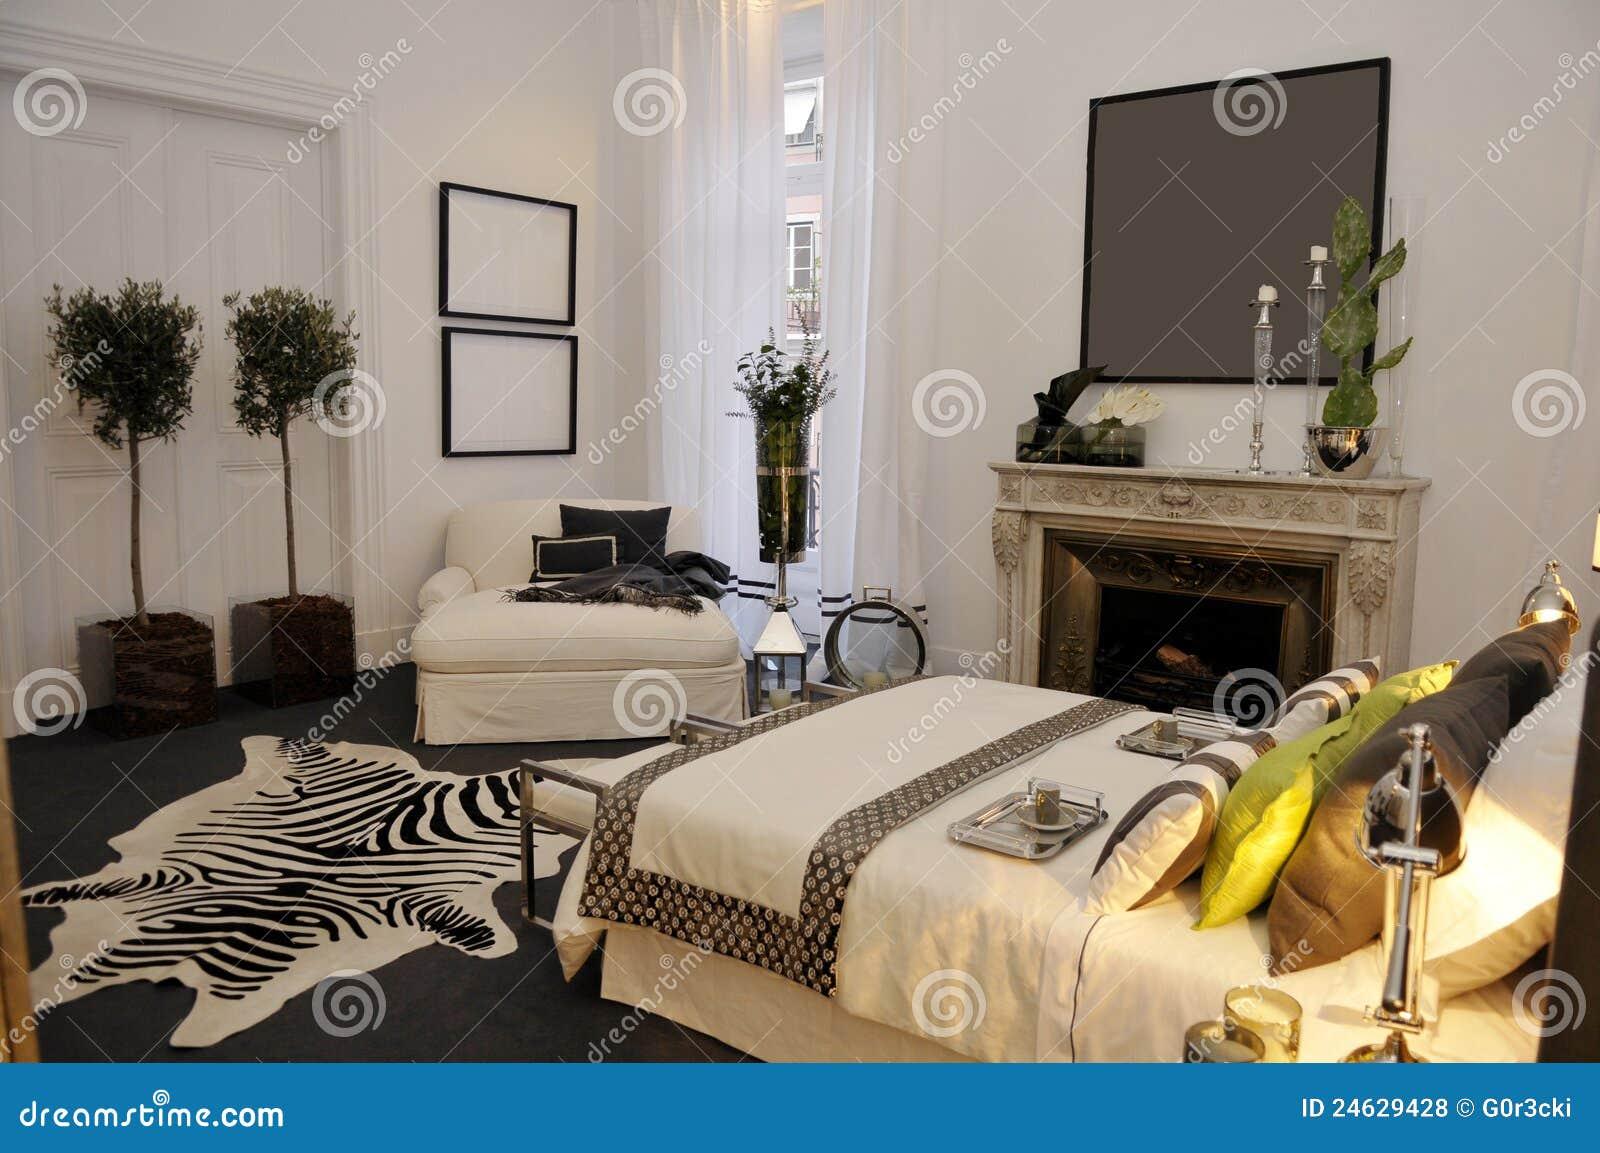 Witte Slaapkamer Royalty-vrije Stock Fotos - Afbeelding: 24629428